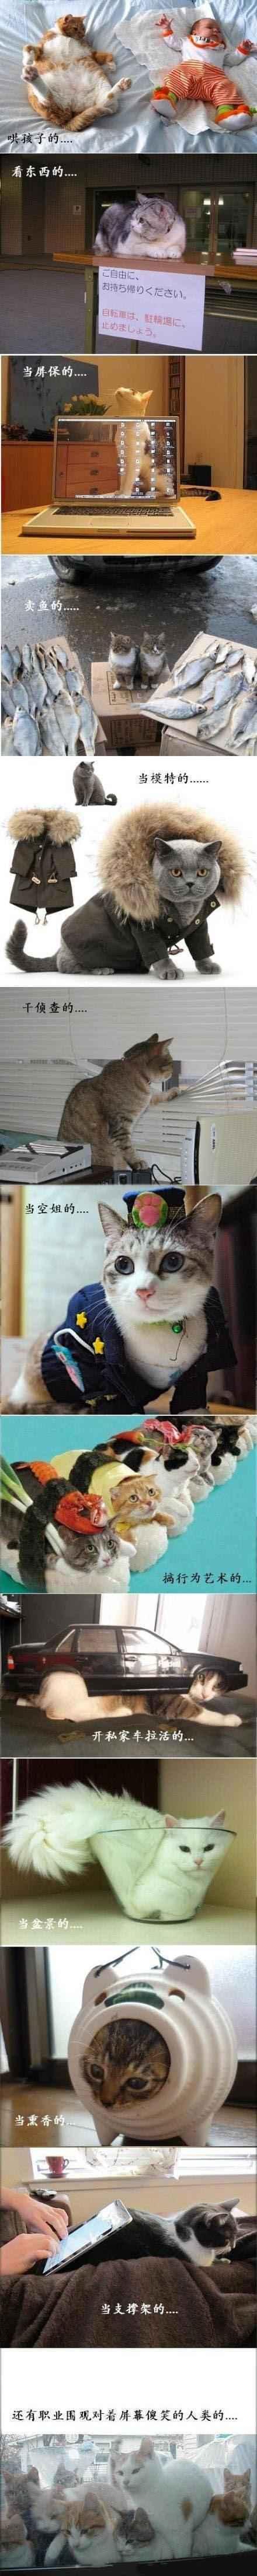 这年头,做只猫也不容易啊!第四张真是笑死我了!!!